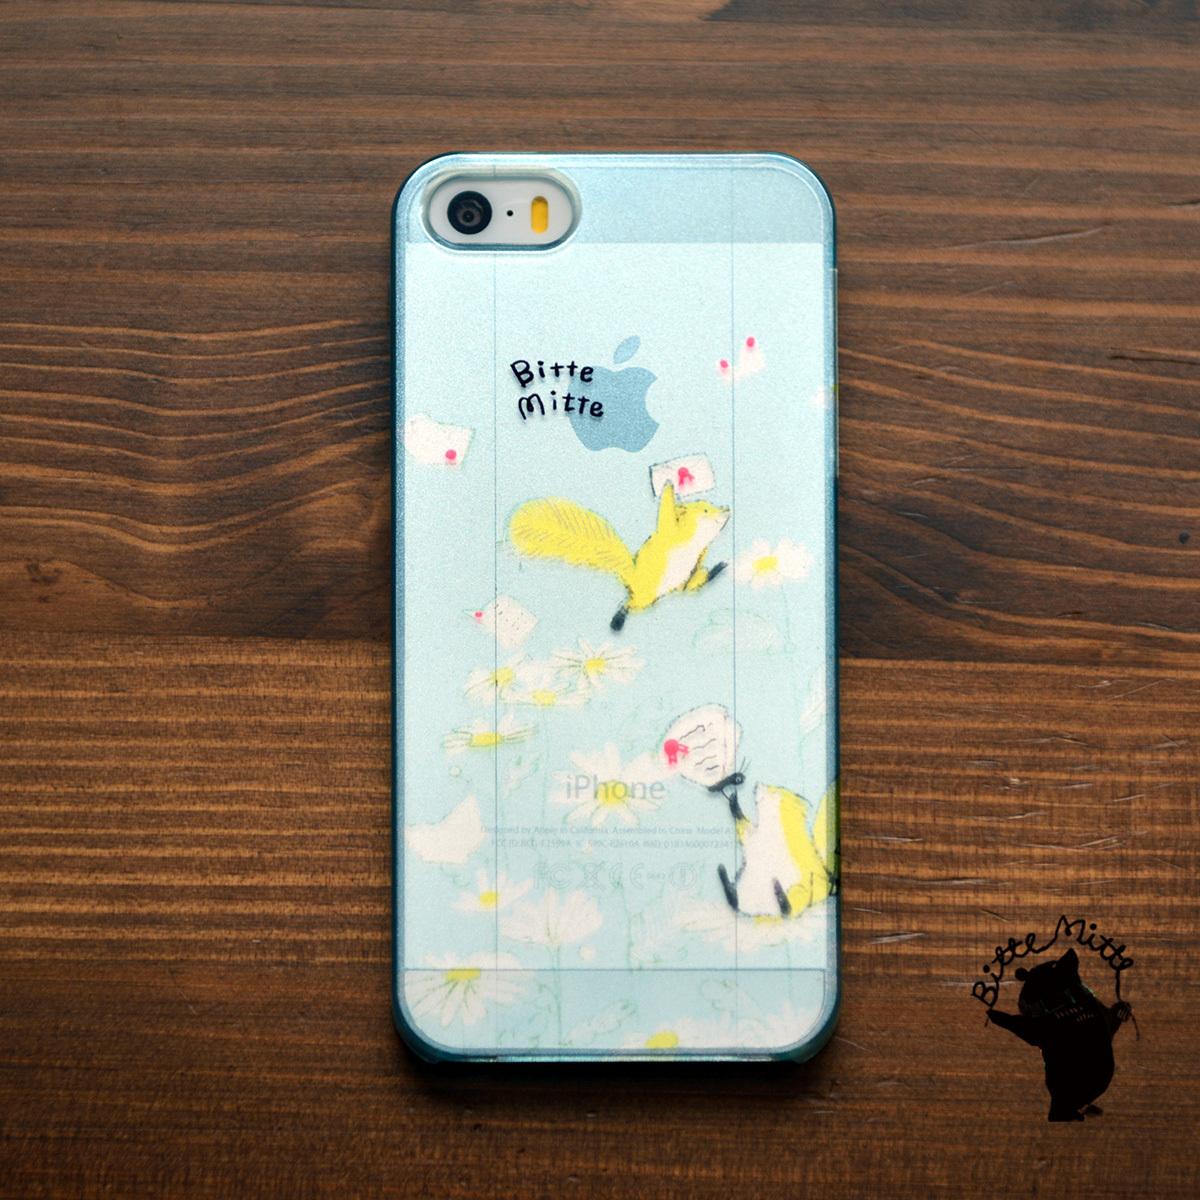 【BASE店限定】アイフォンse ケース クリア iPhoneSE クリアケース キラキラ かわいい りす リスと郵便/Bitte Mitte!